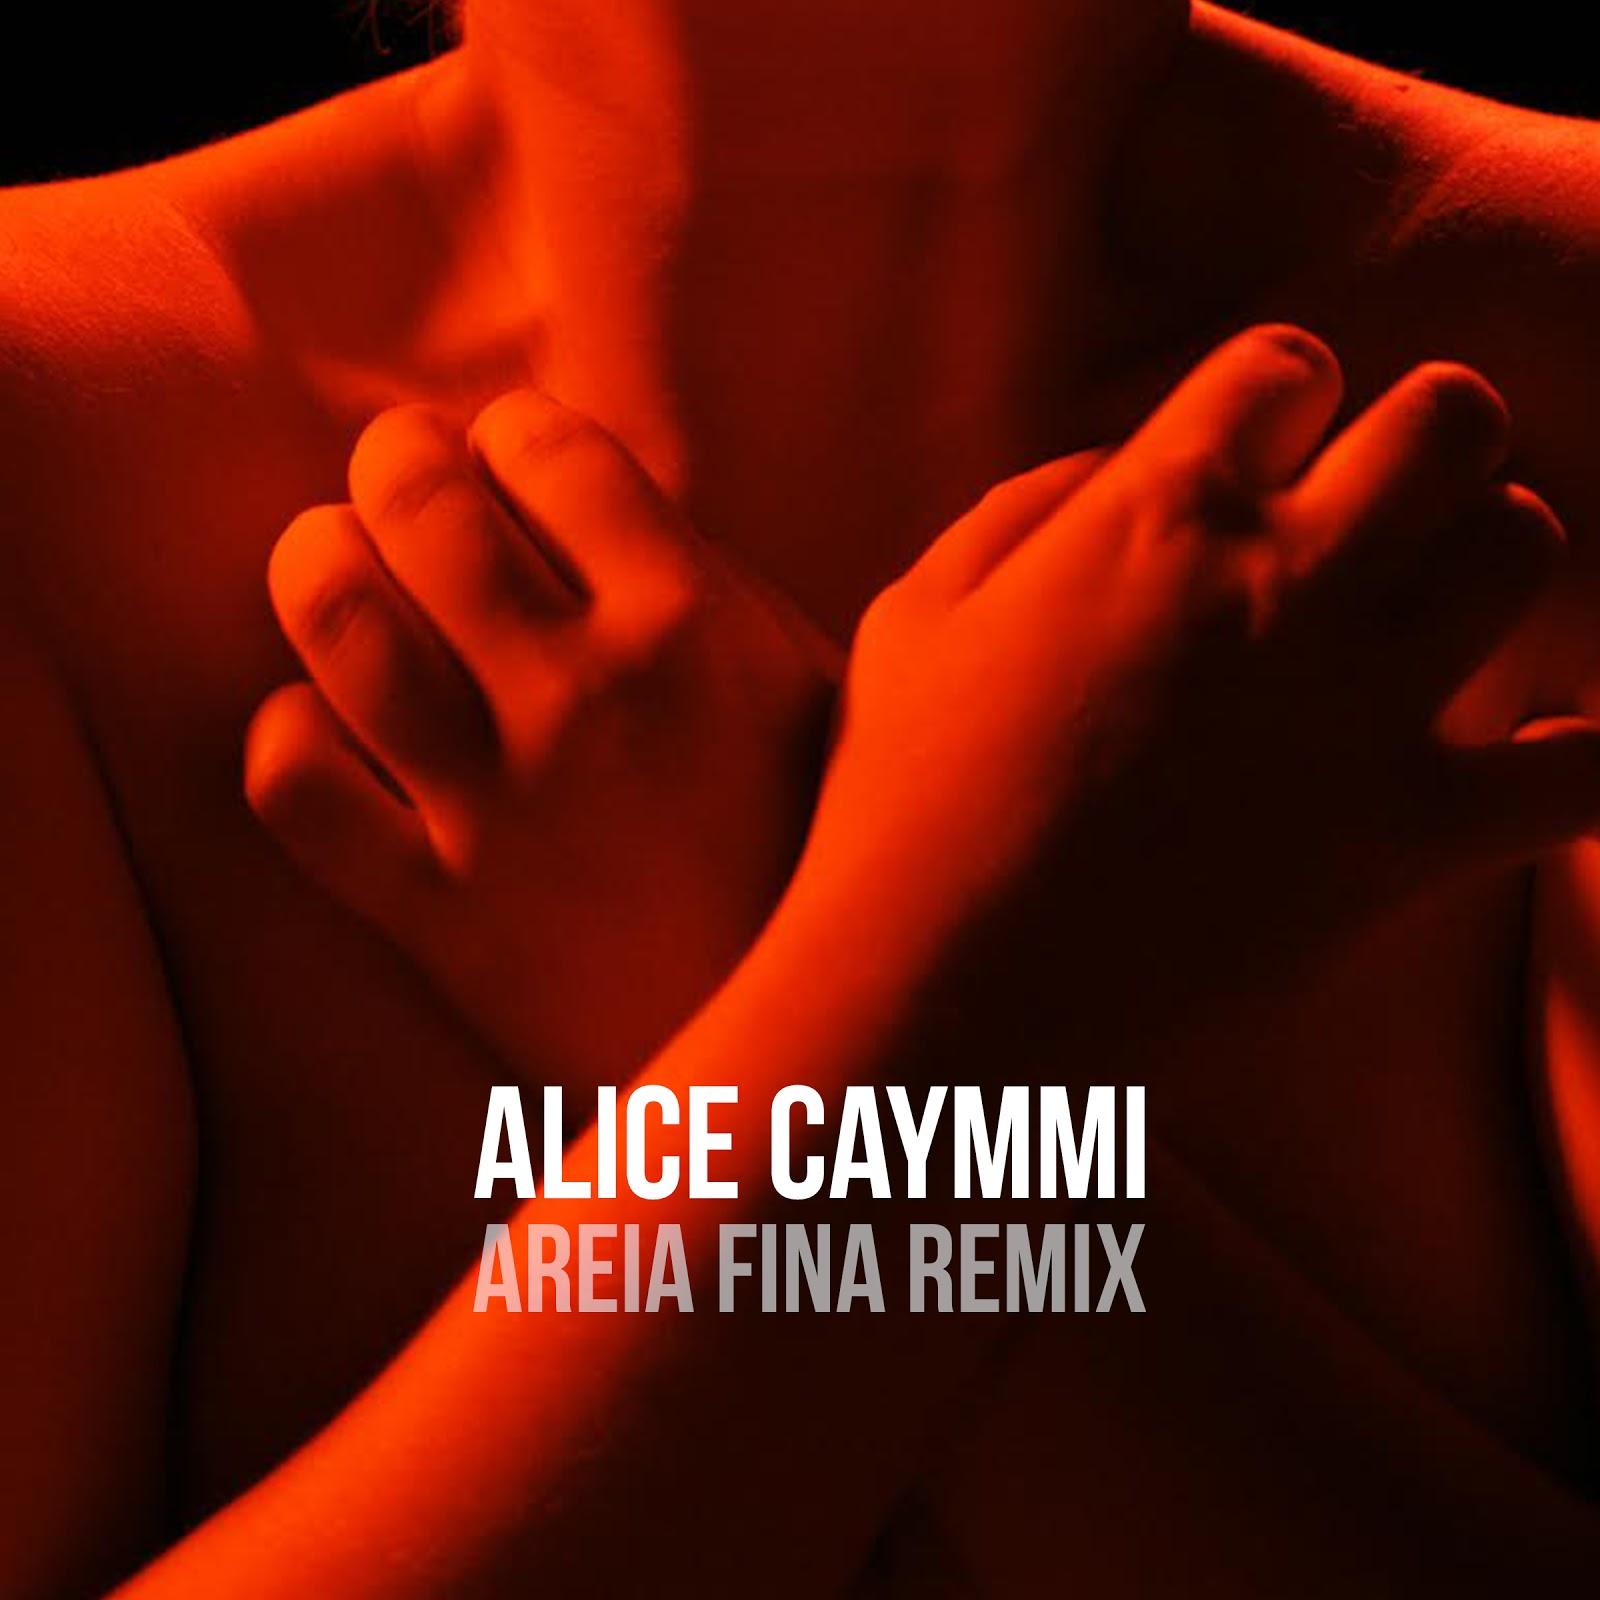 """Alice Caymmi lança clipe e remix de """"Areia fina"""" e anuncia novo álbum """"Elétrika"""""""